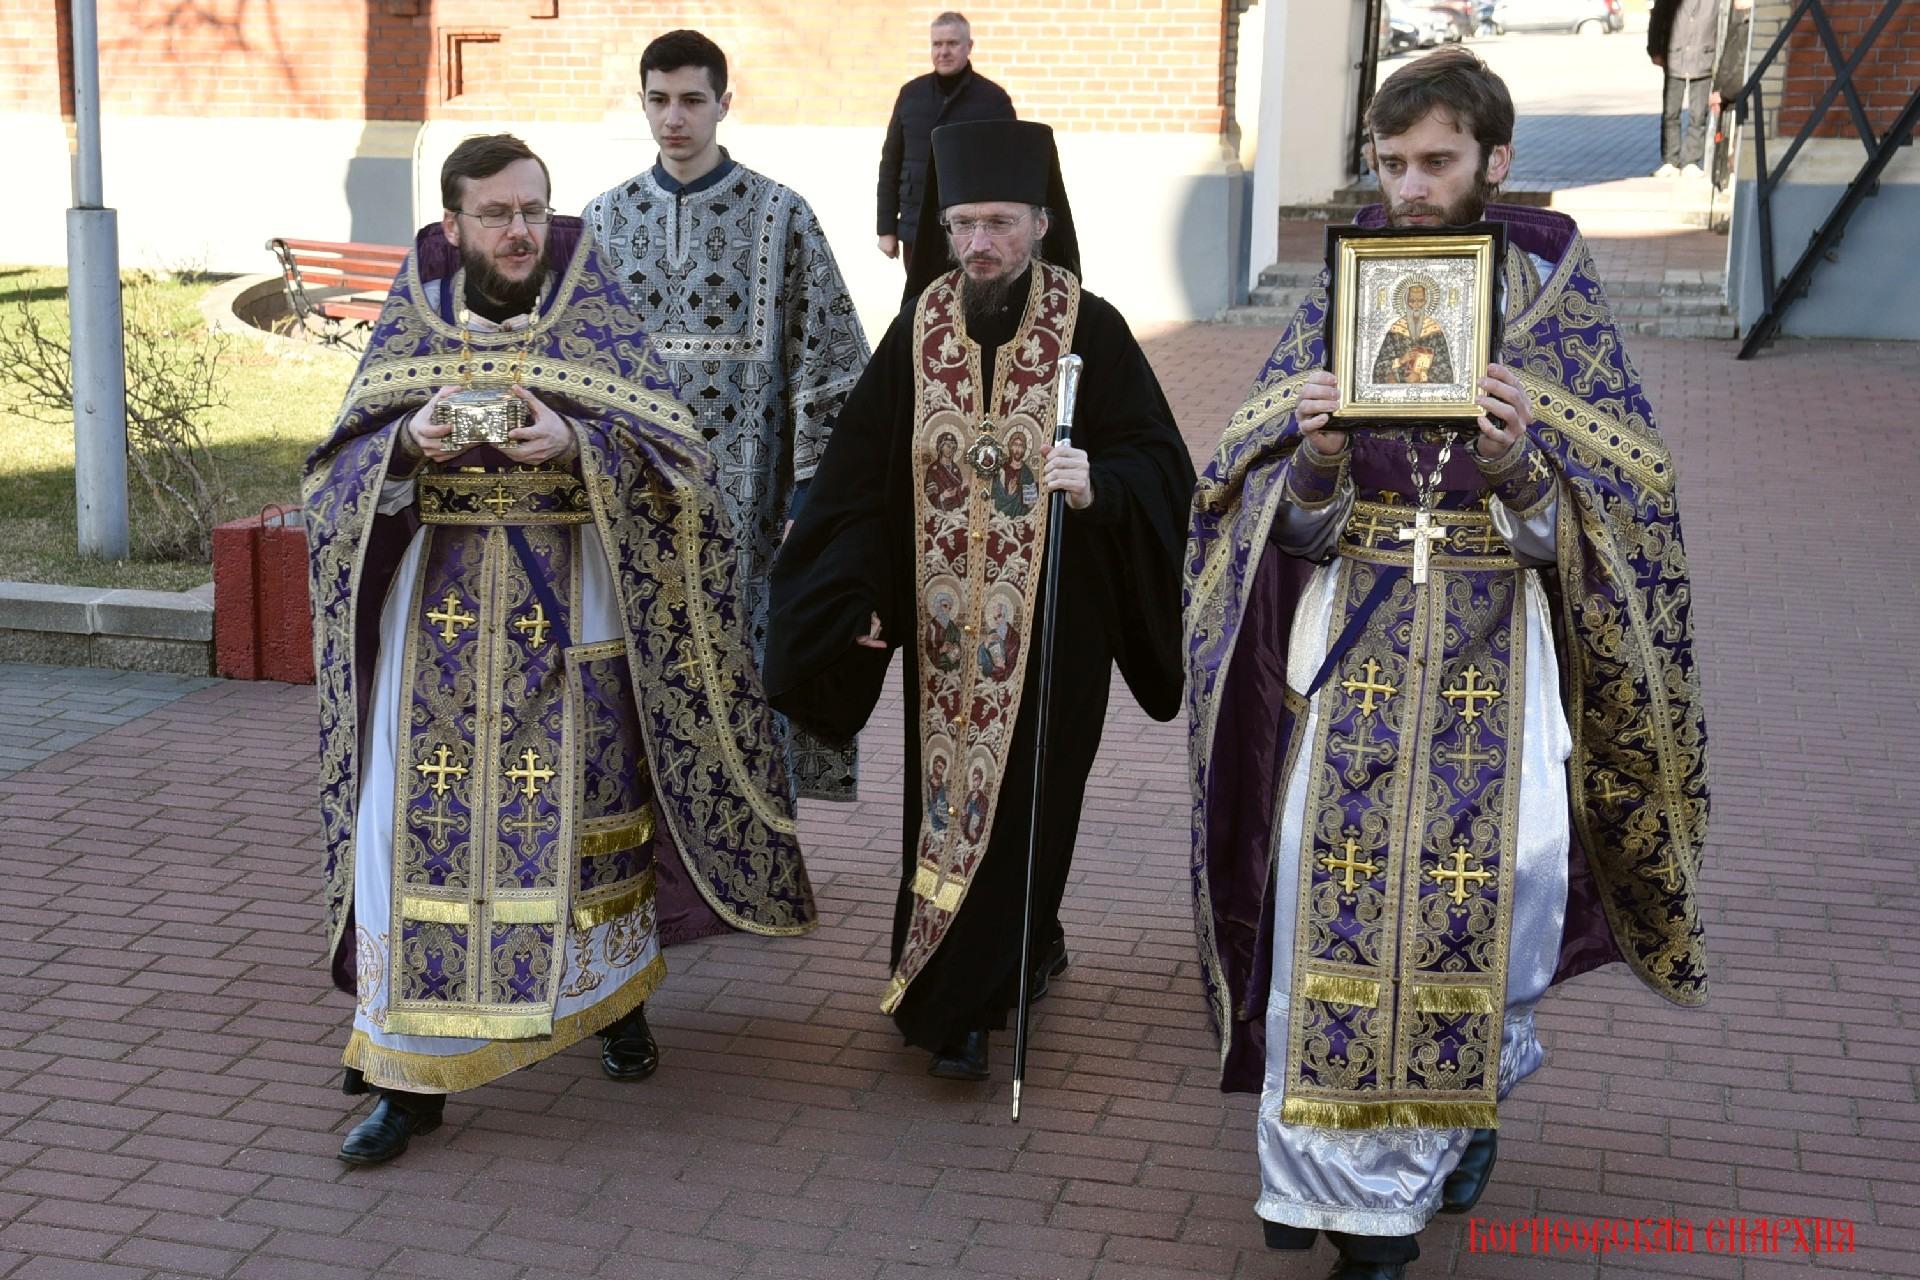 Икона и частица святых мощей священномученика Харалампия Магнезийского доставлена в кафедральный собор